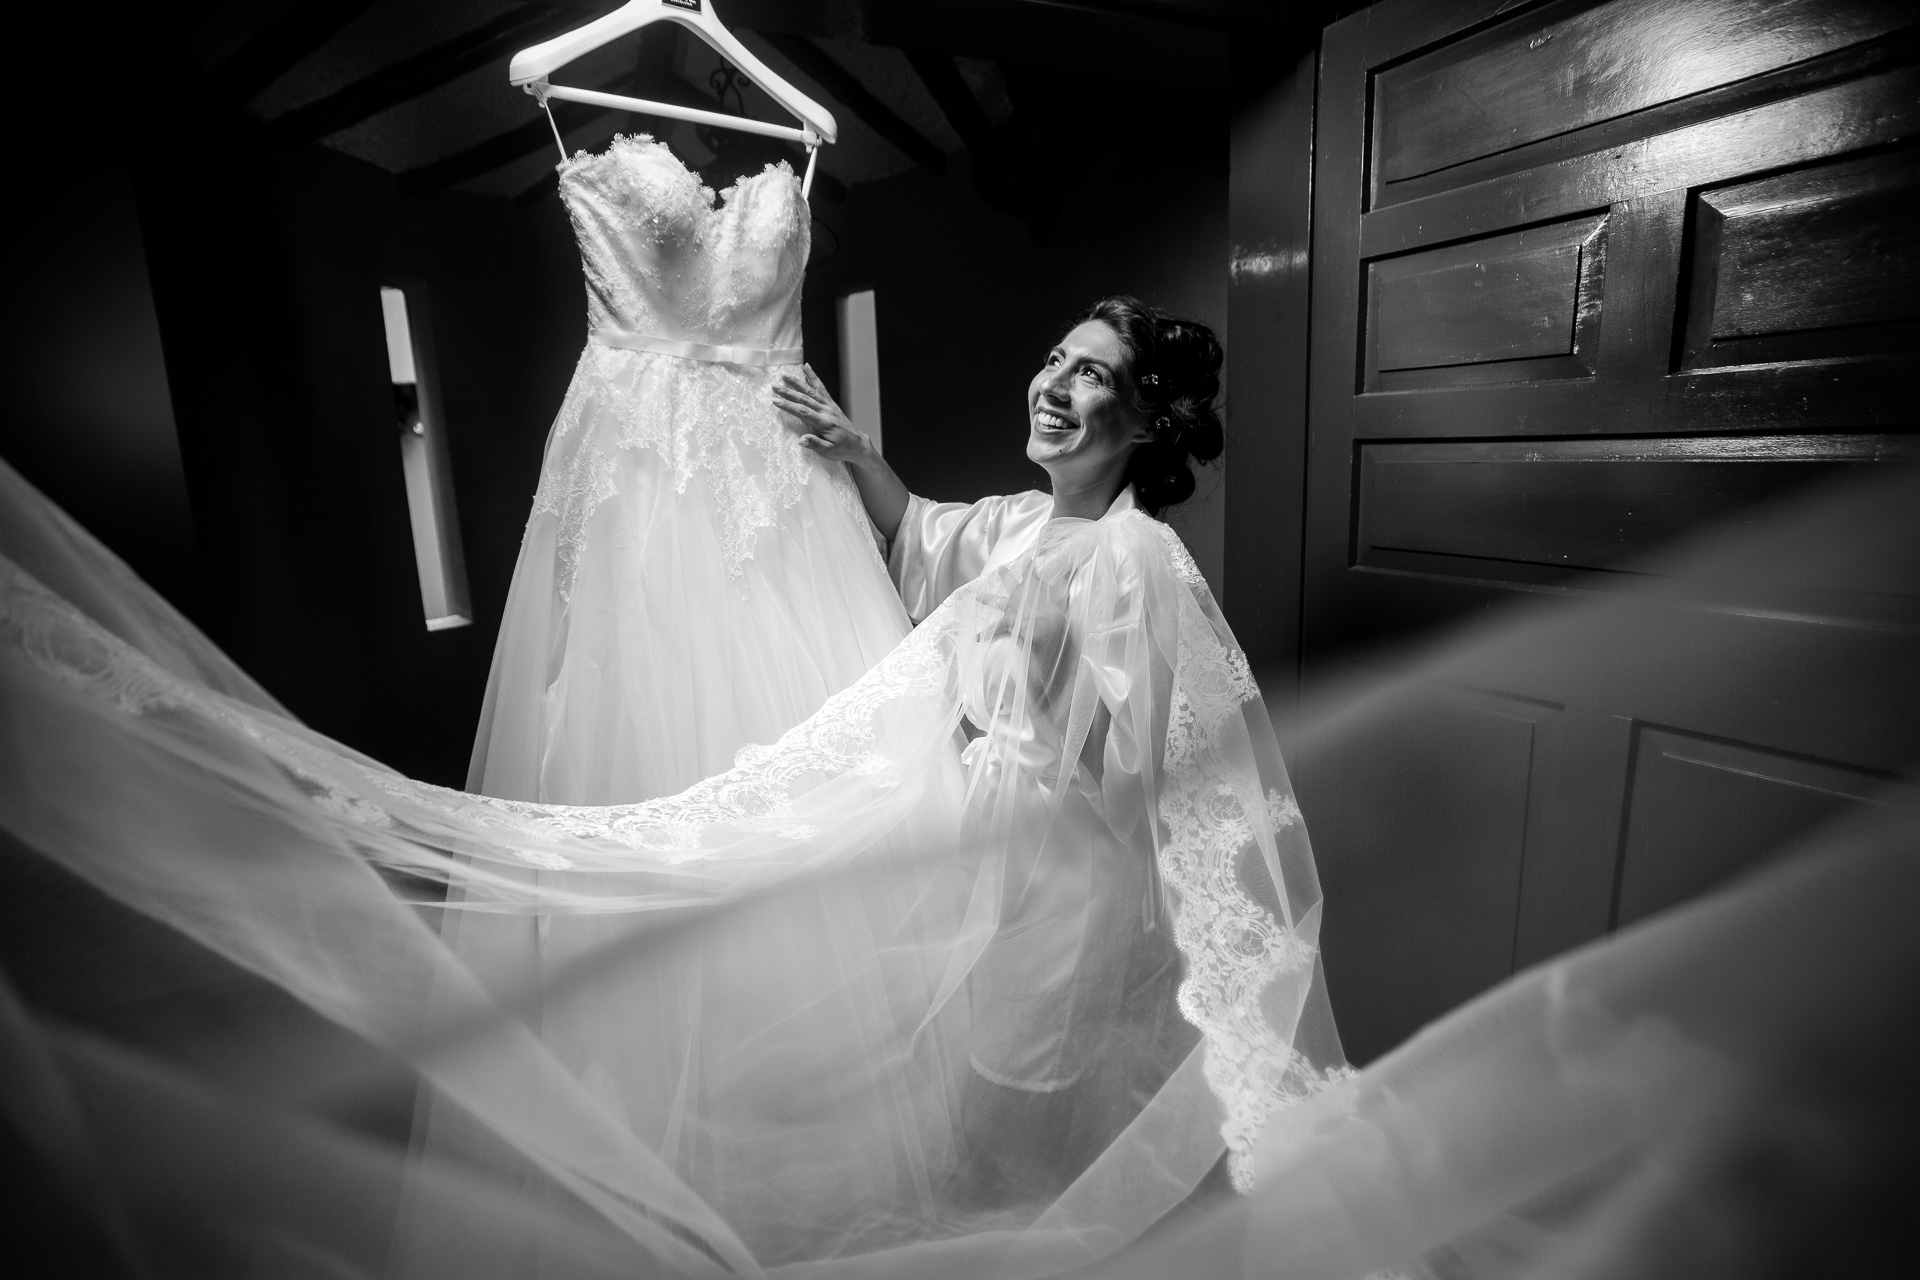 Fotógrafos-de-bodas-en-Colombia-Angela-y-Antonio-8 ANGELA Y ANTONIO